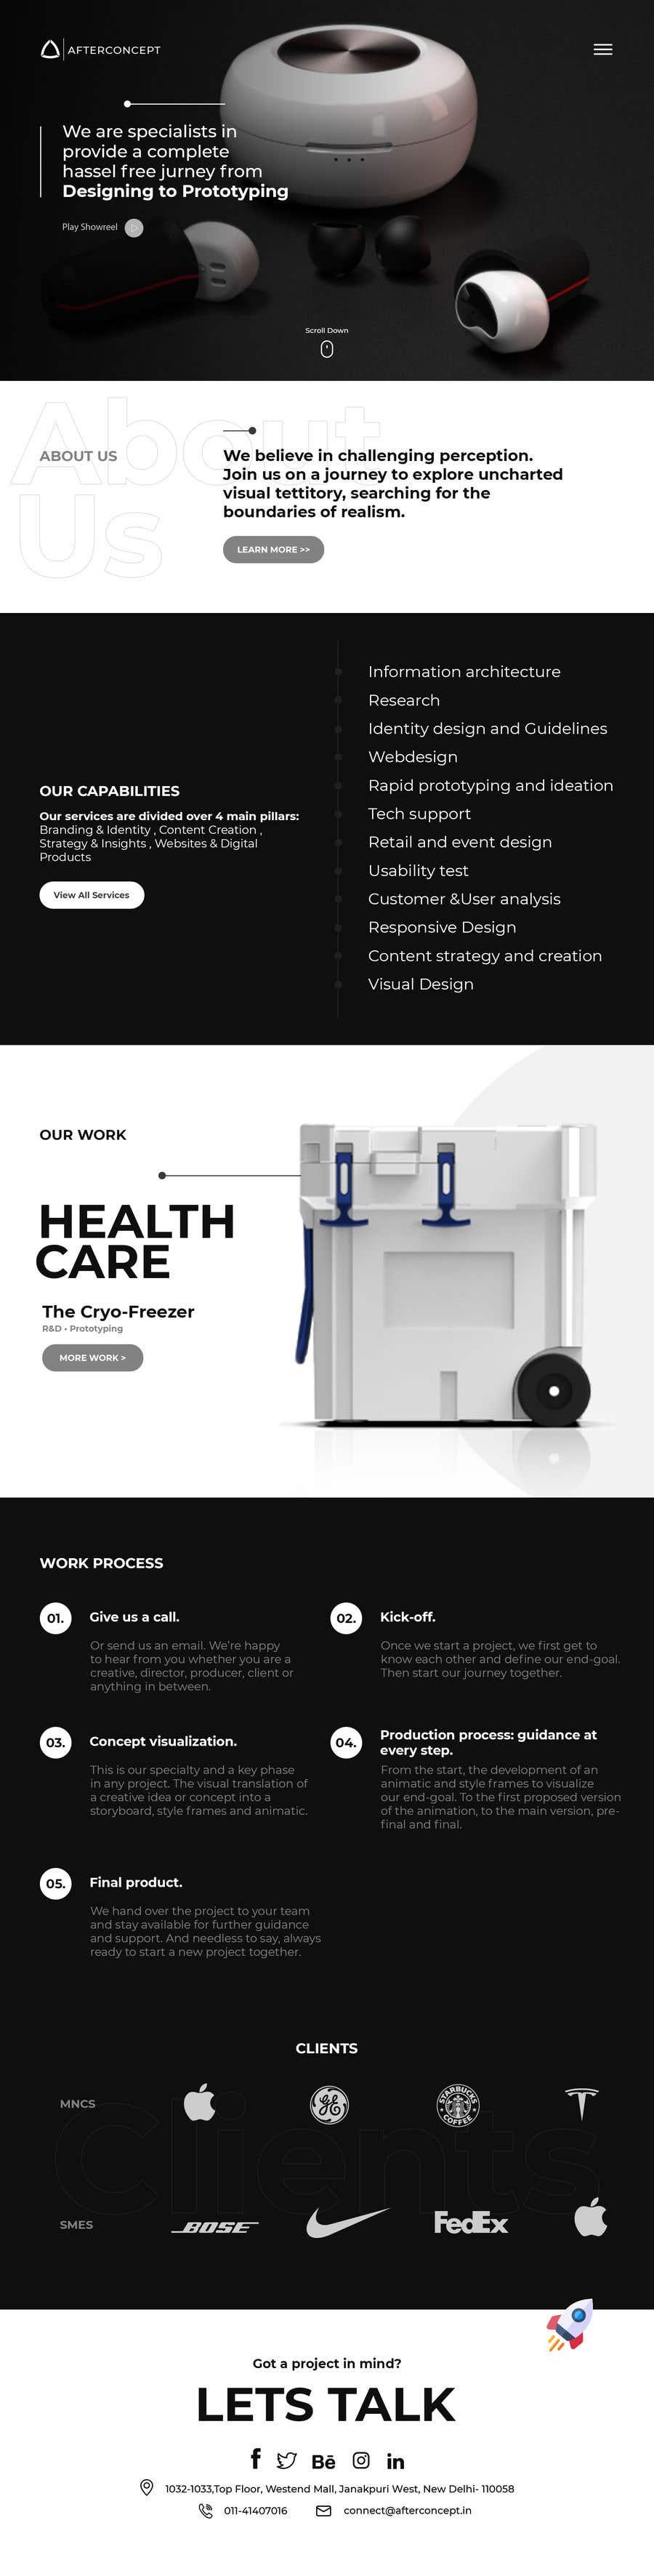 Konkurrenceindlæg #                                        22                                      for                                         Improve UI/UX design for the website